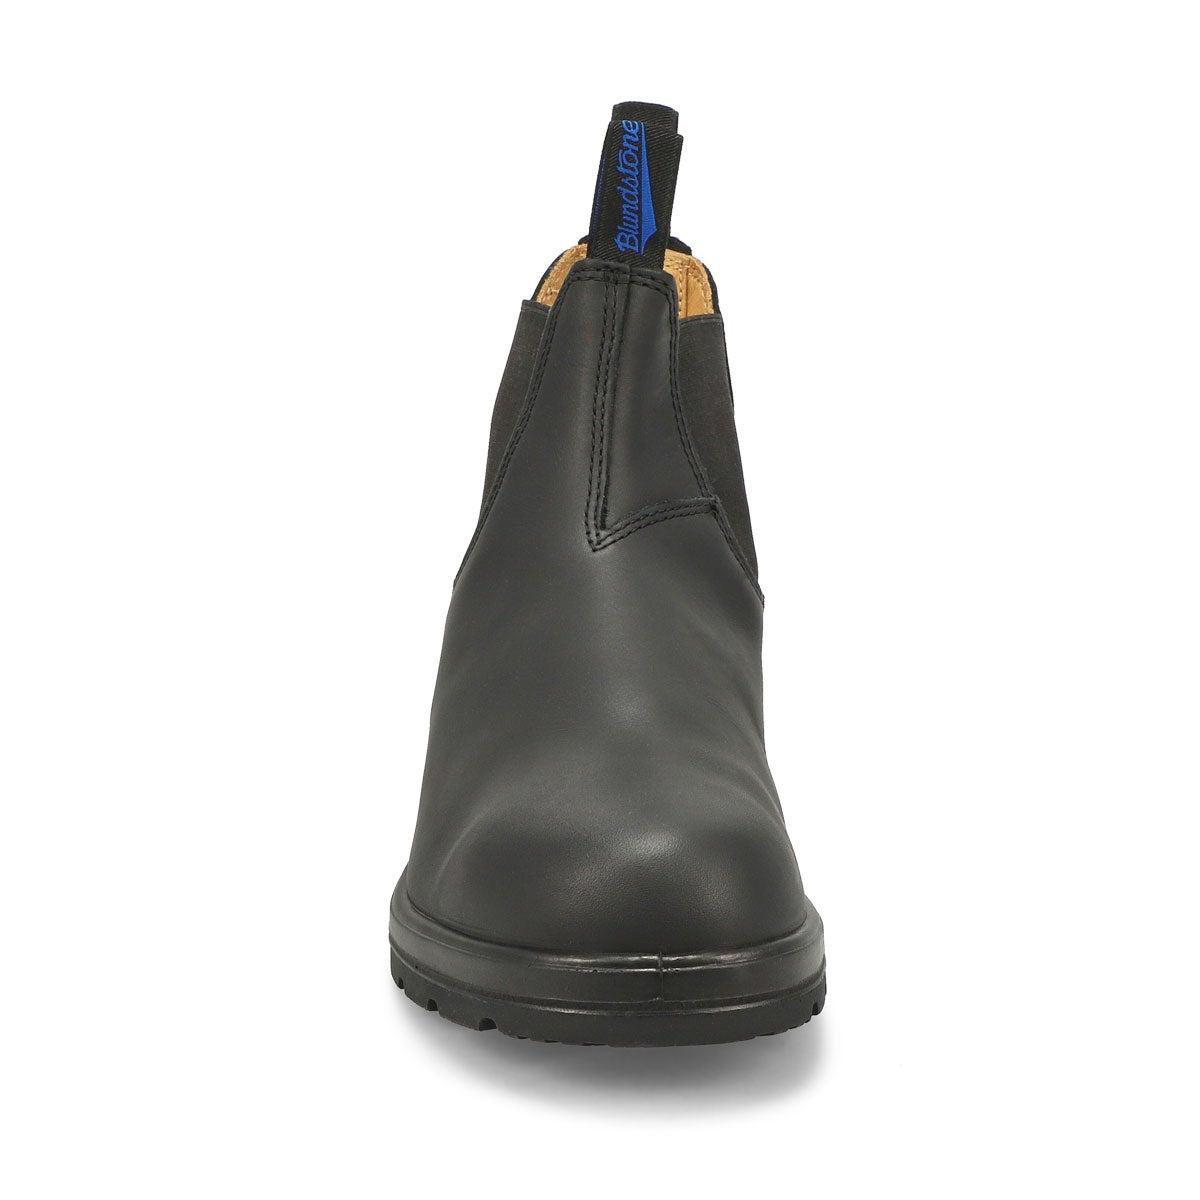 Unisex Original black lined boot